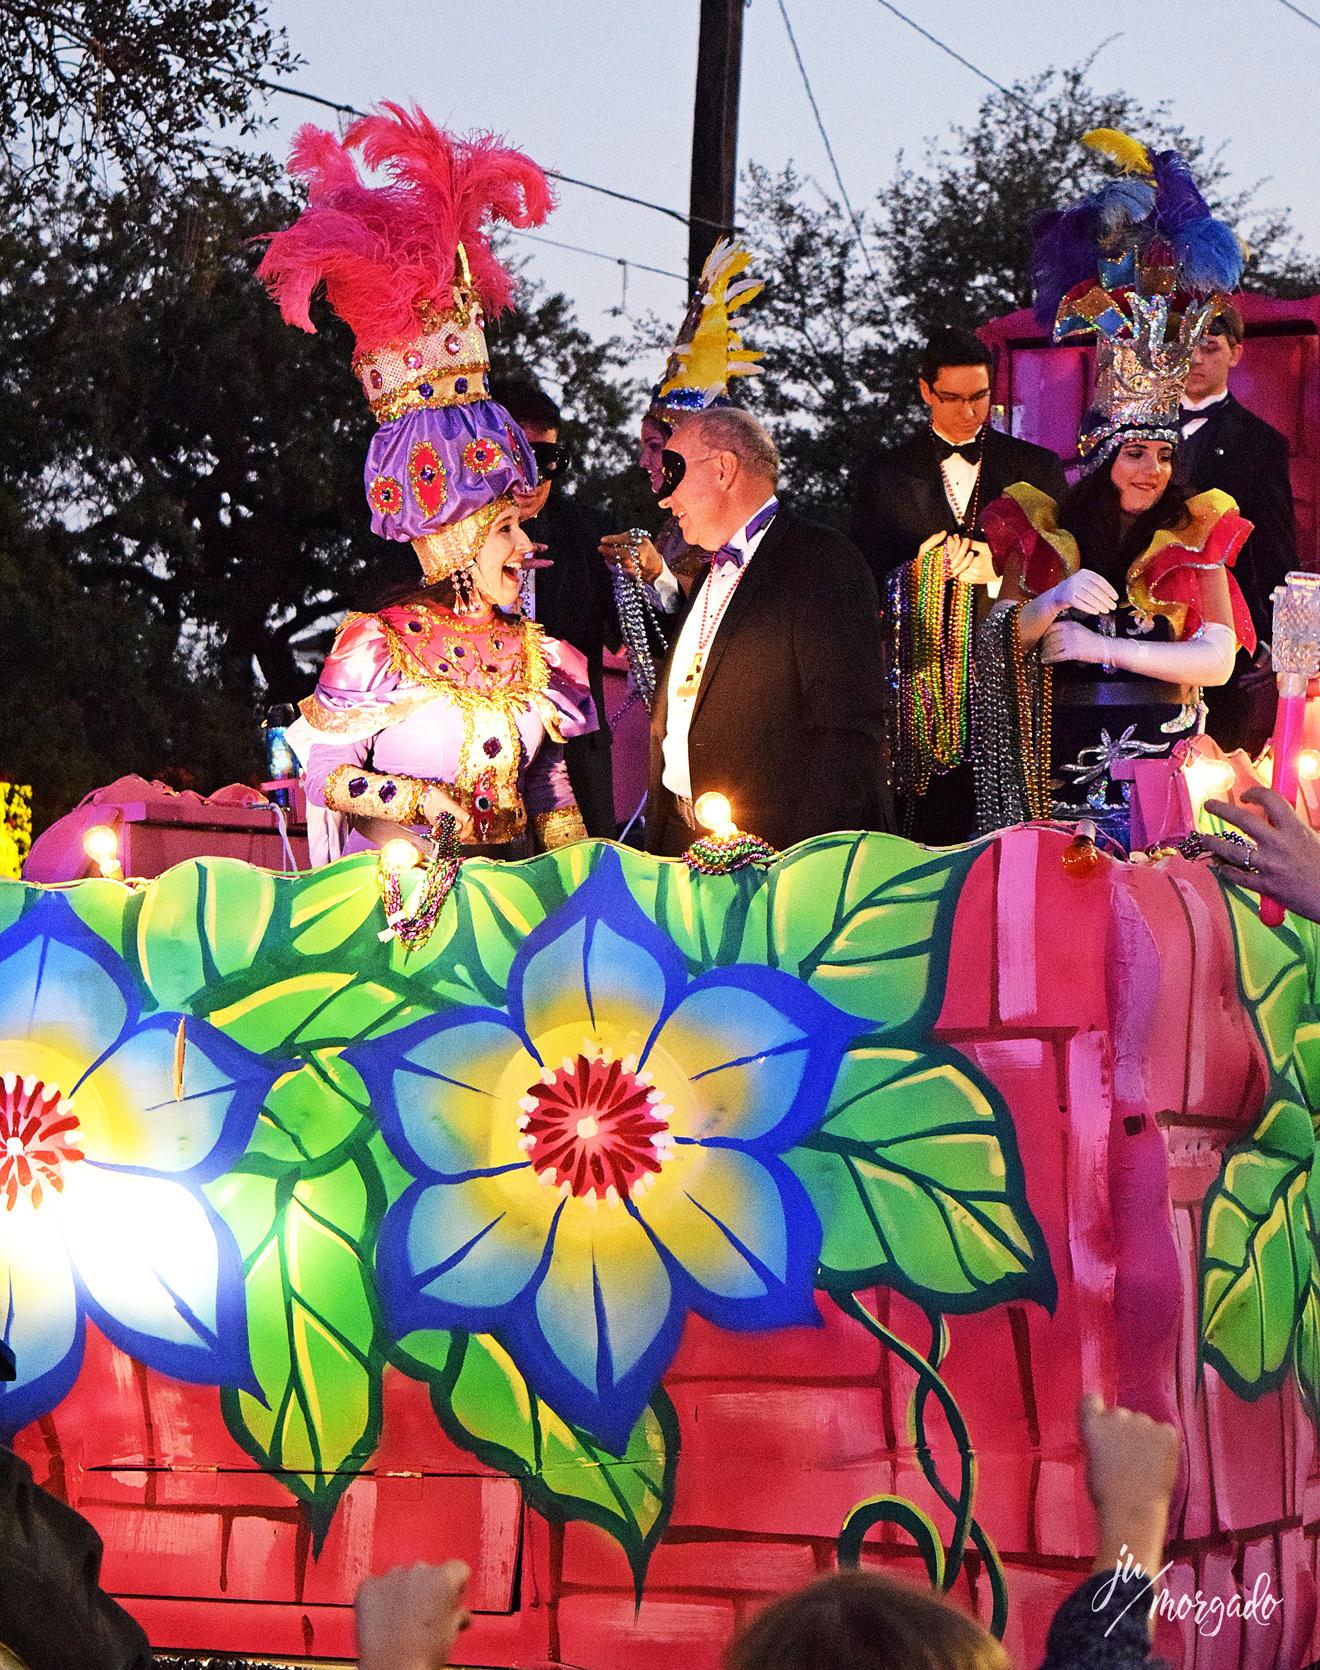 Carro de Mardi Gras em New Orleans com pessoas fantasiadas em cima.